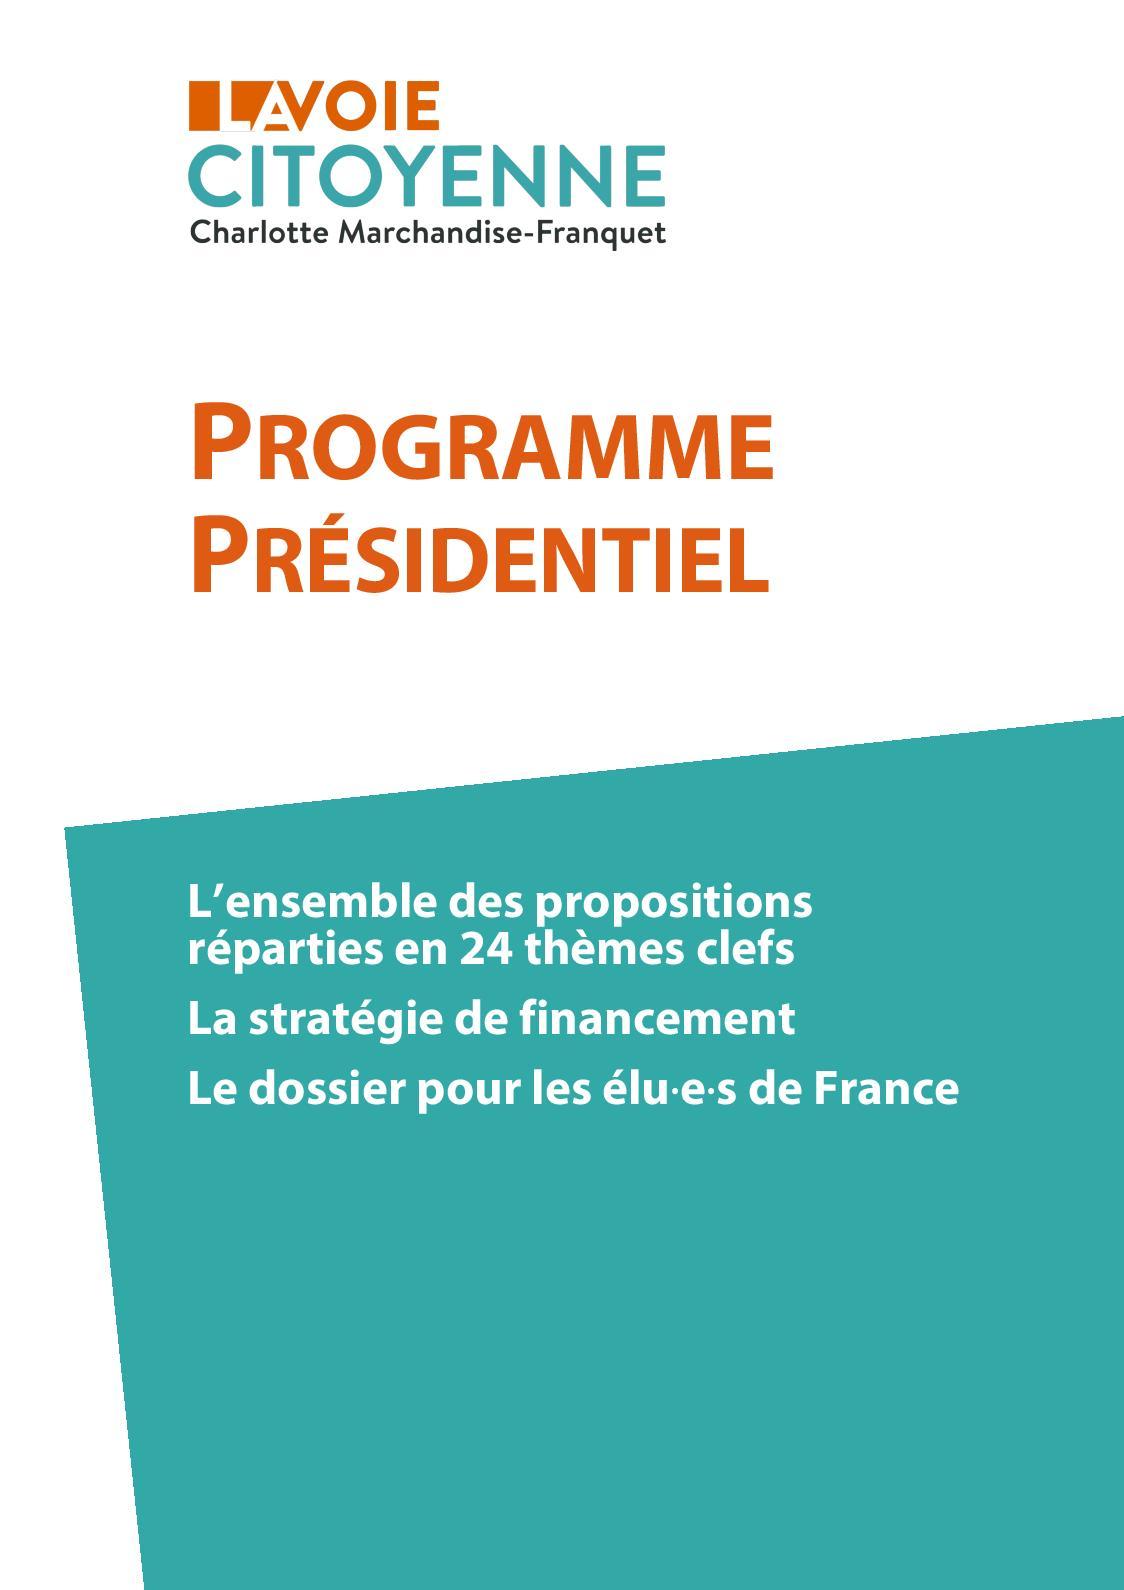 Calaméo Marchandise Charlotte Programme de Franquet Complet jAR4Lq35